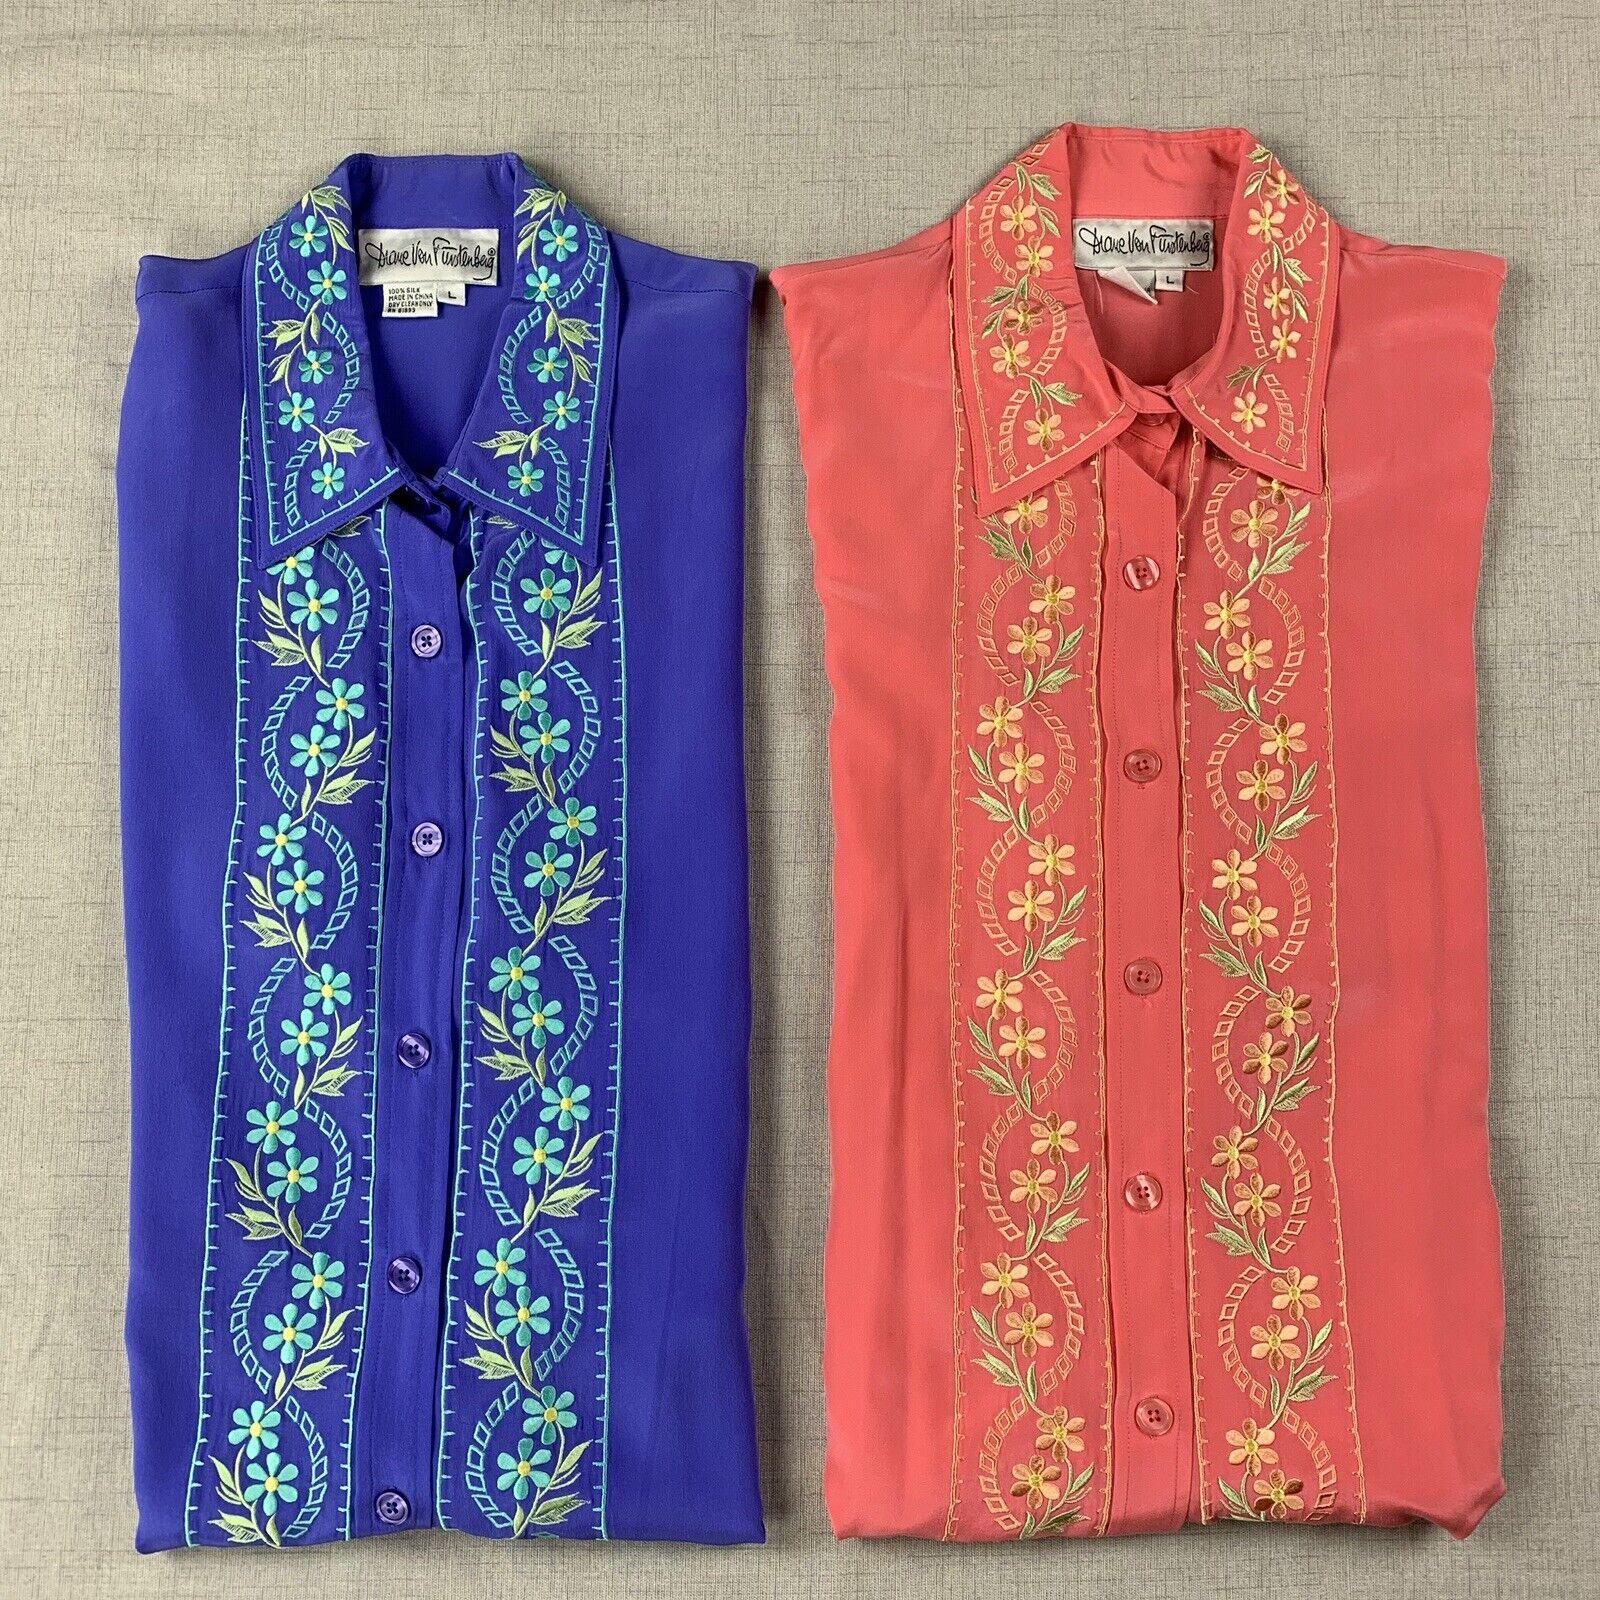 Vintage Diane Von Furstenberg Embroiderot Silk Button Up Blouse Sz Lg - Lot of 2